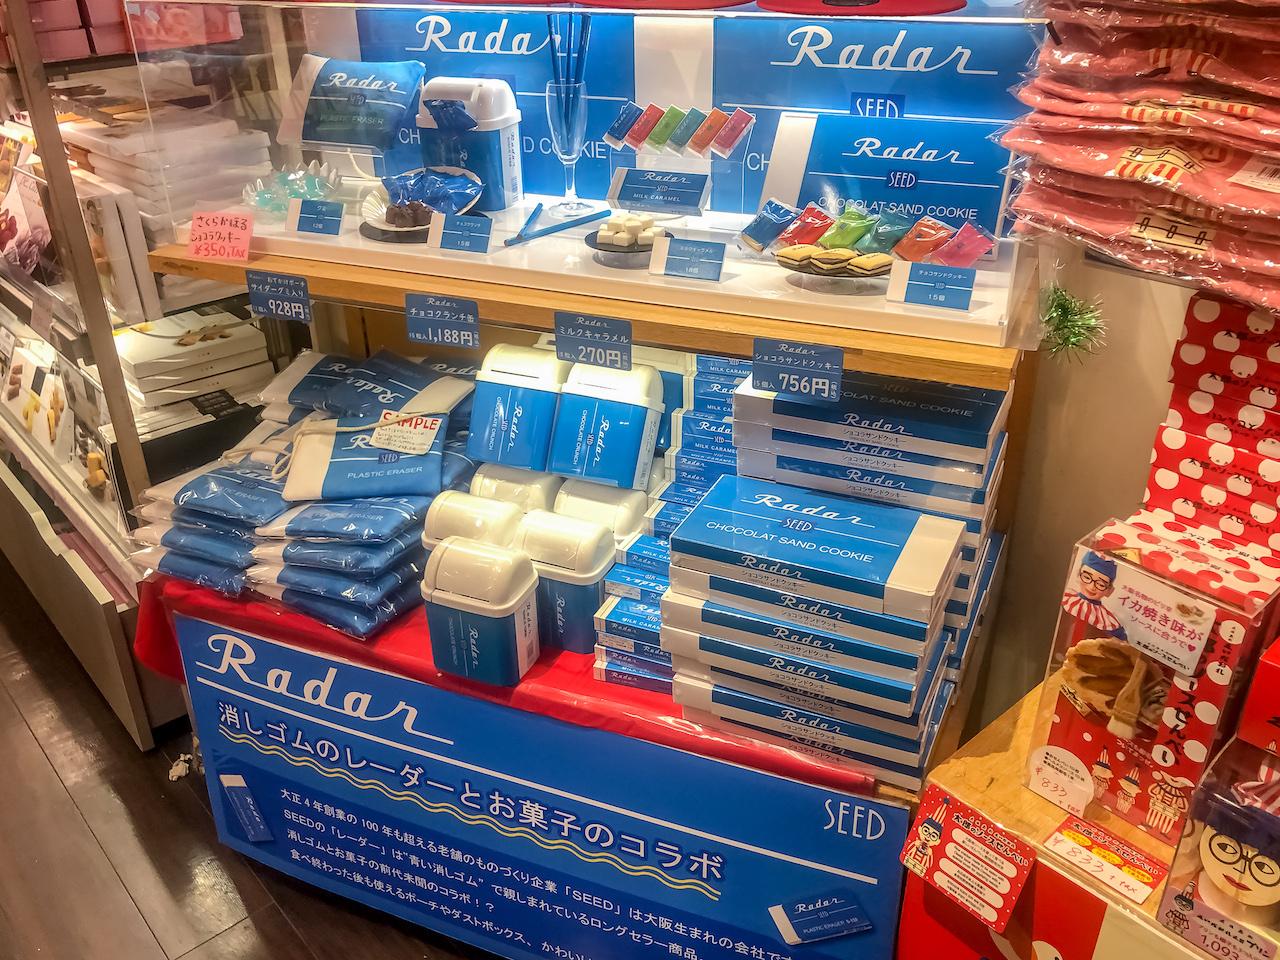 【大阪限定のお土産】懐かしの消しゴムがお菓子となって登場!リトル大阪にて先行販売中